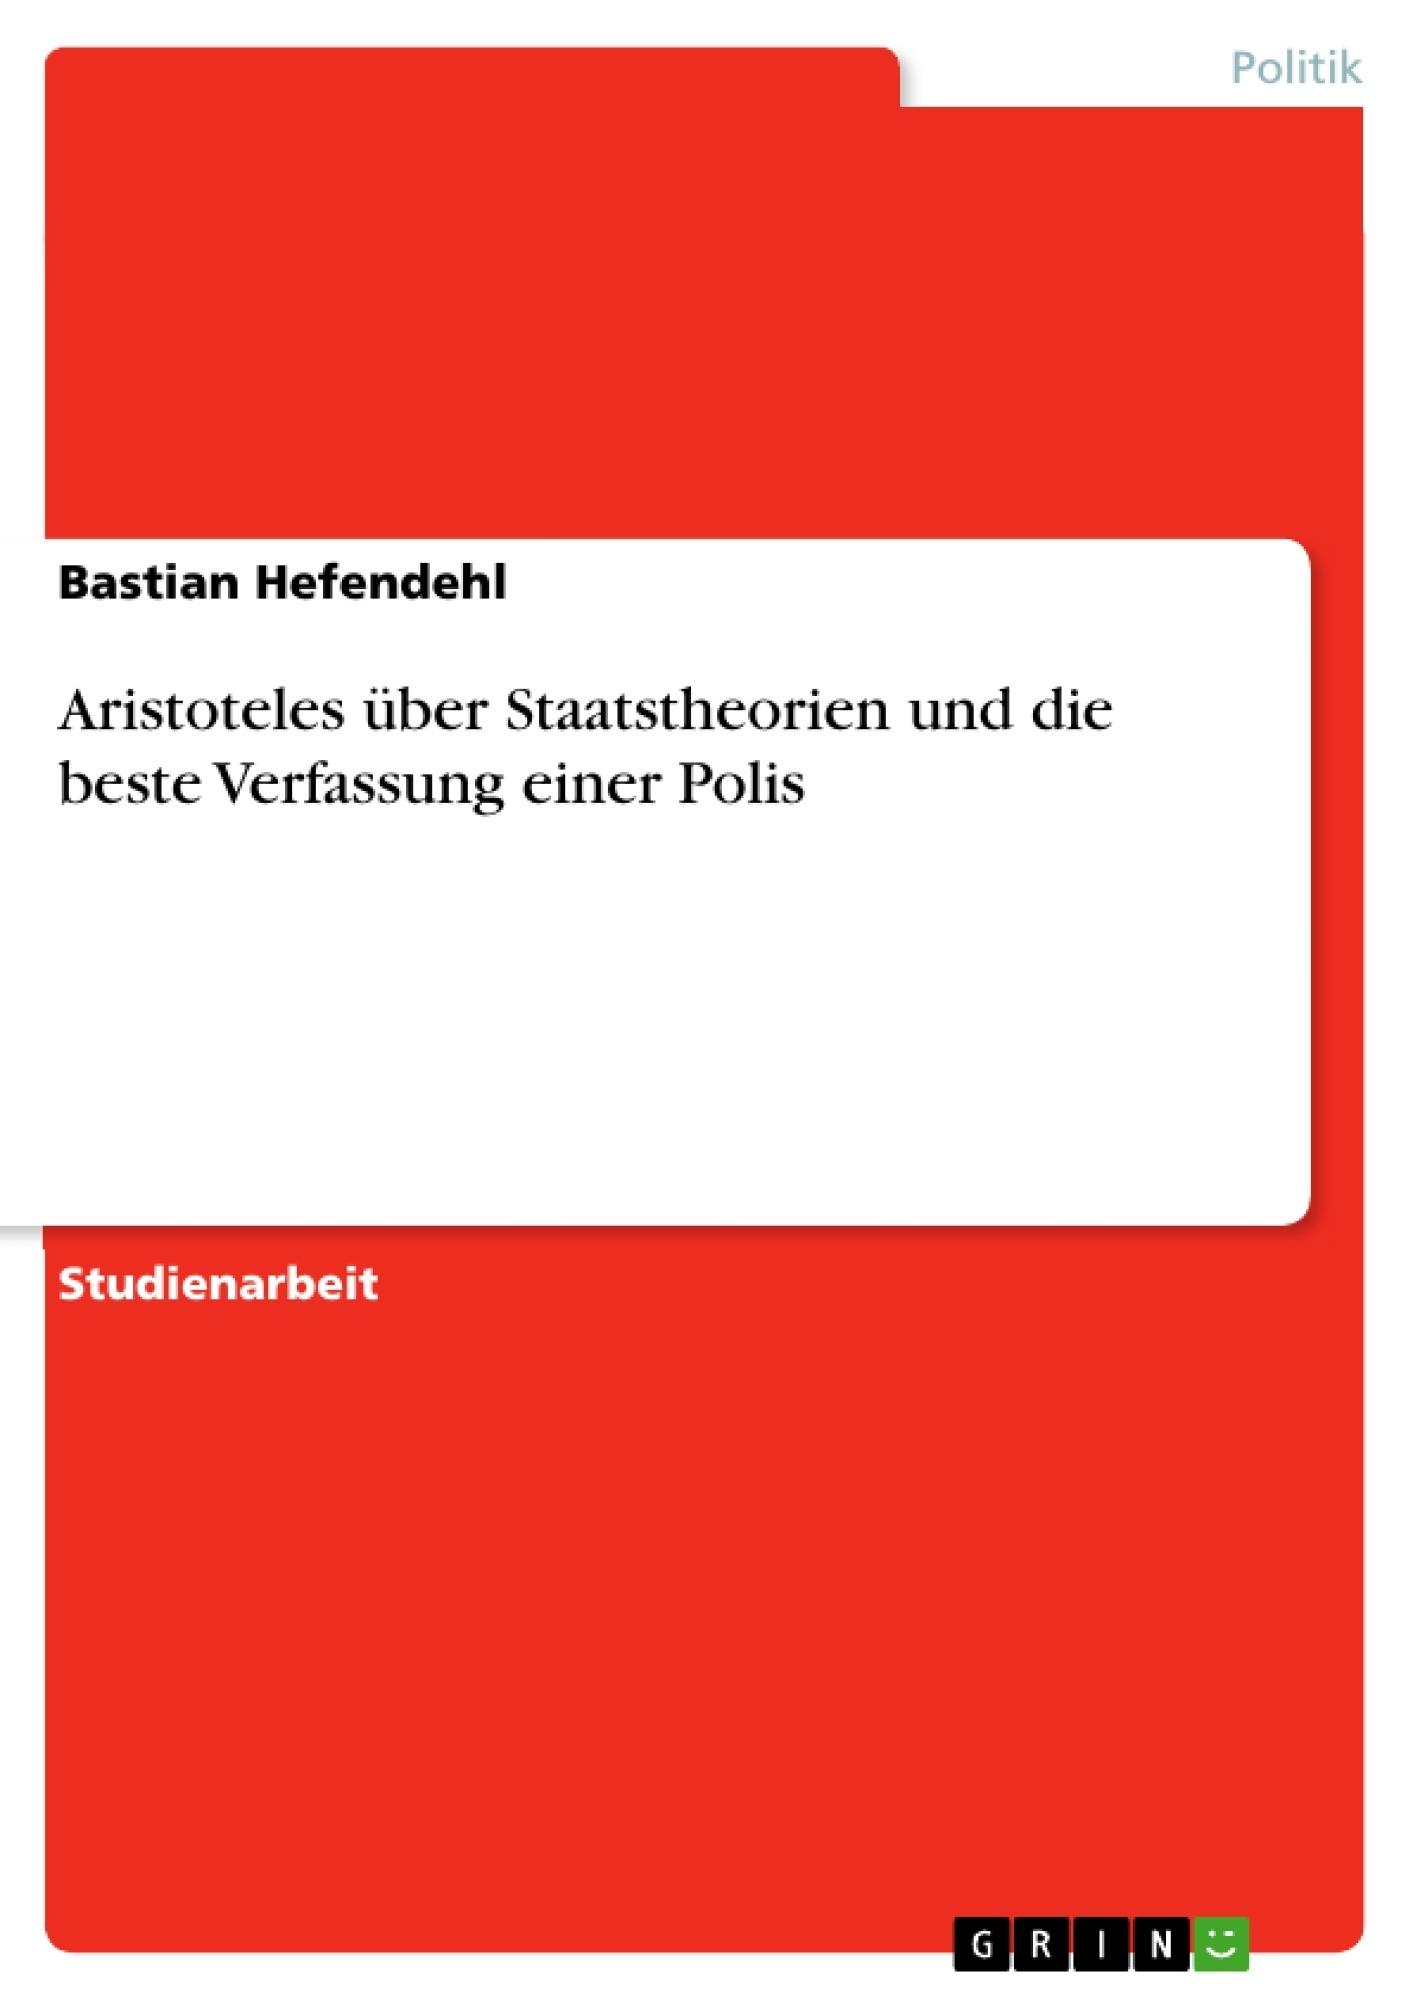 Titel: Aristoteles über Staatstheorien und die beste Verfassung einer Polis